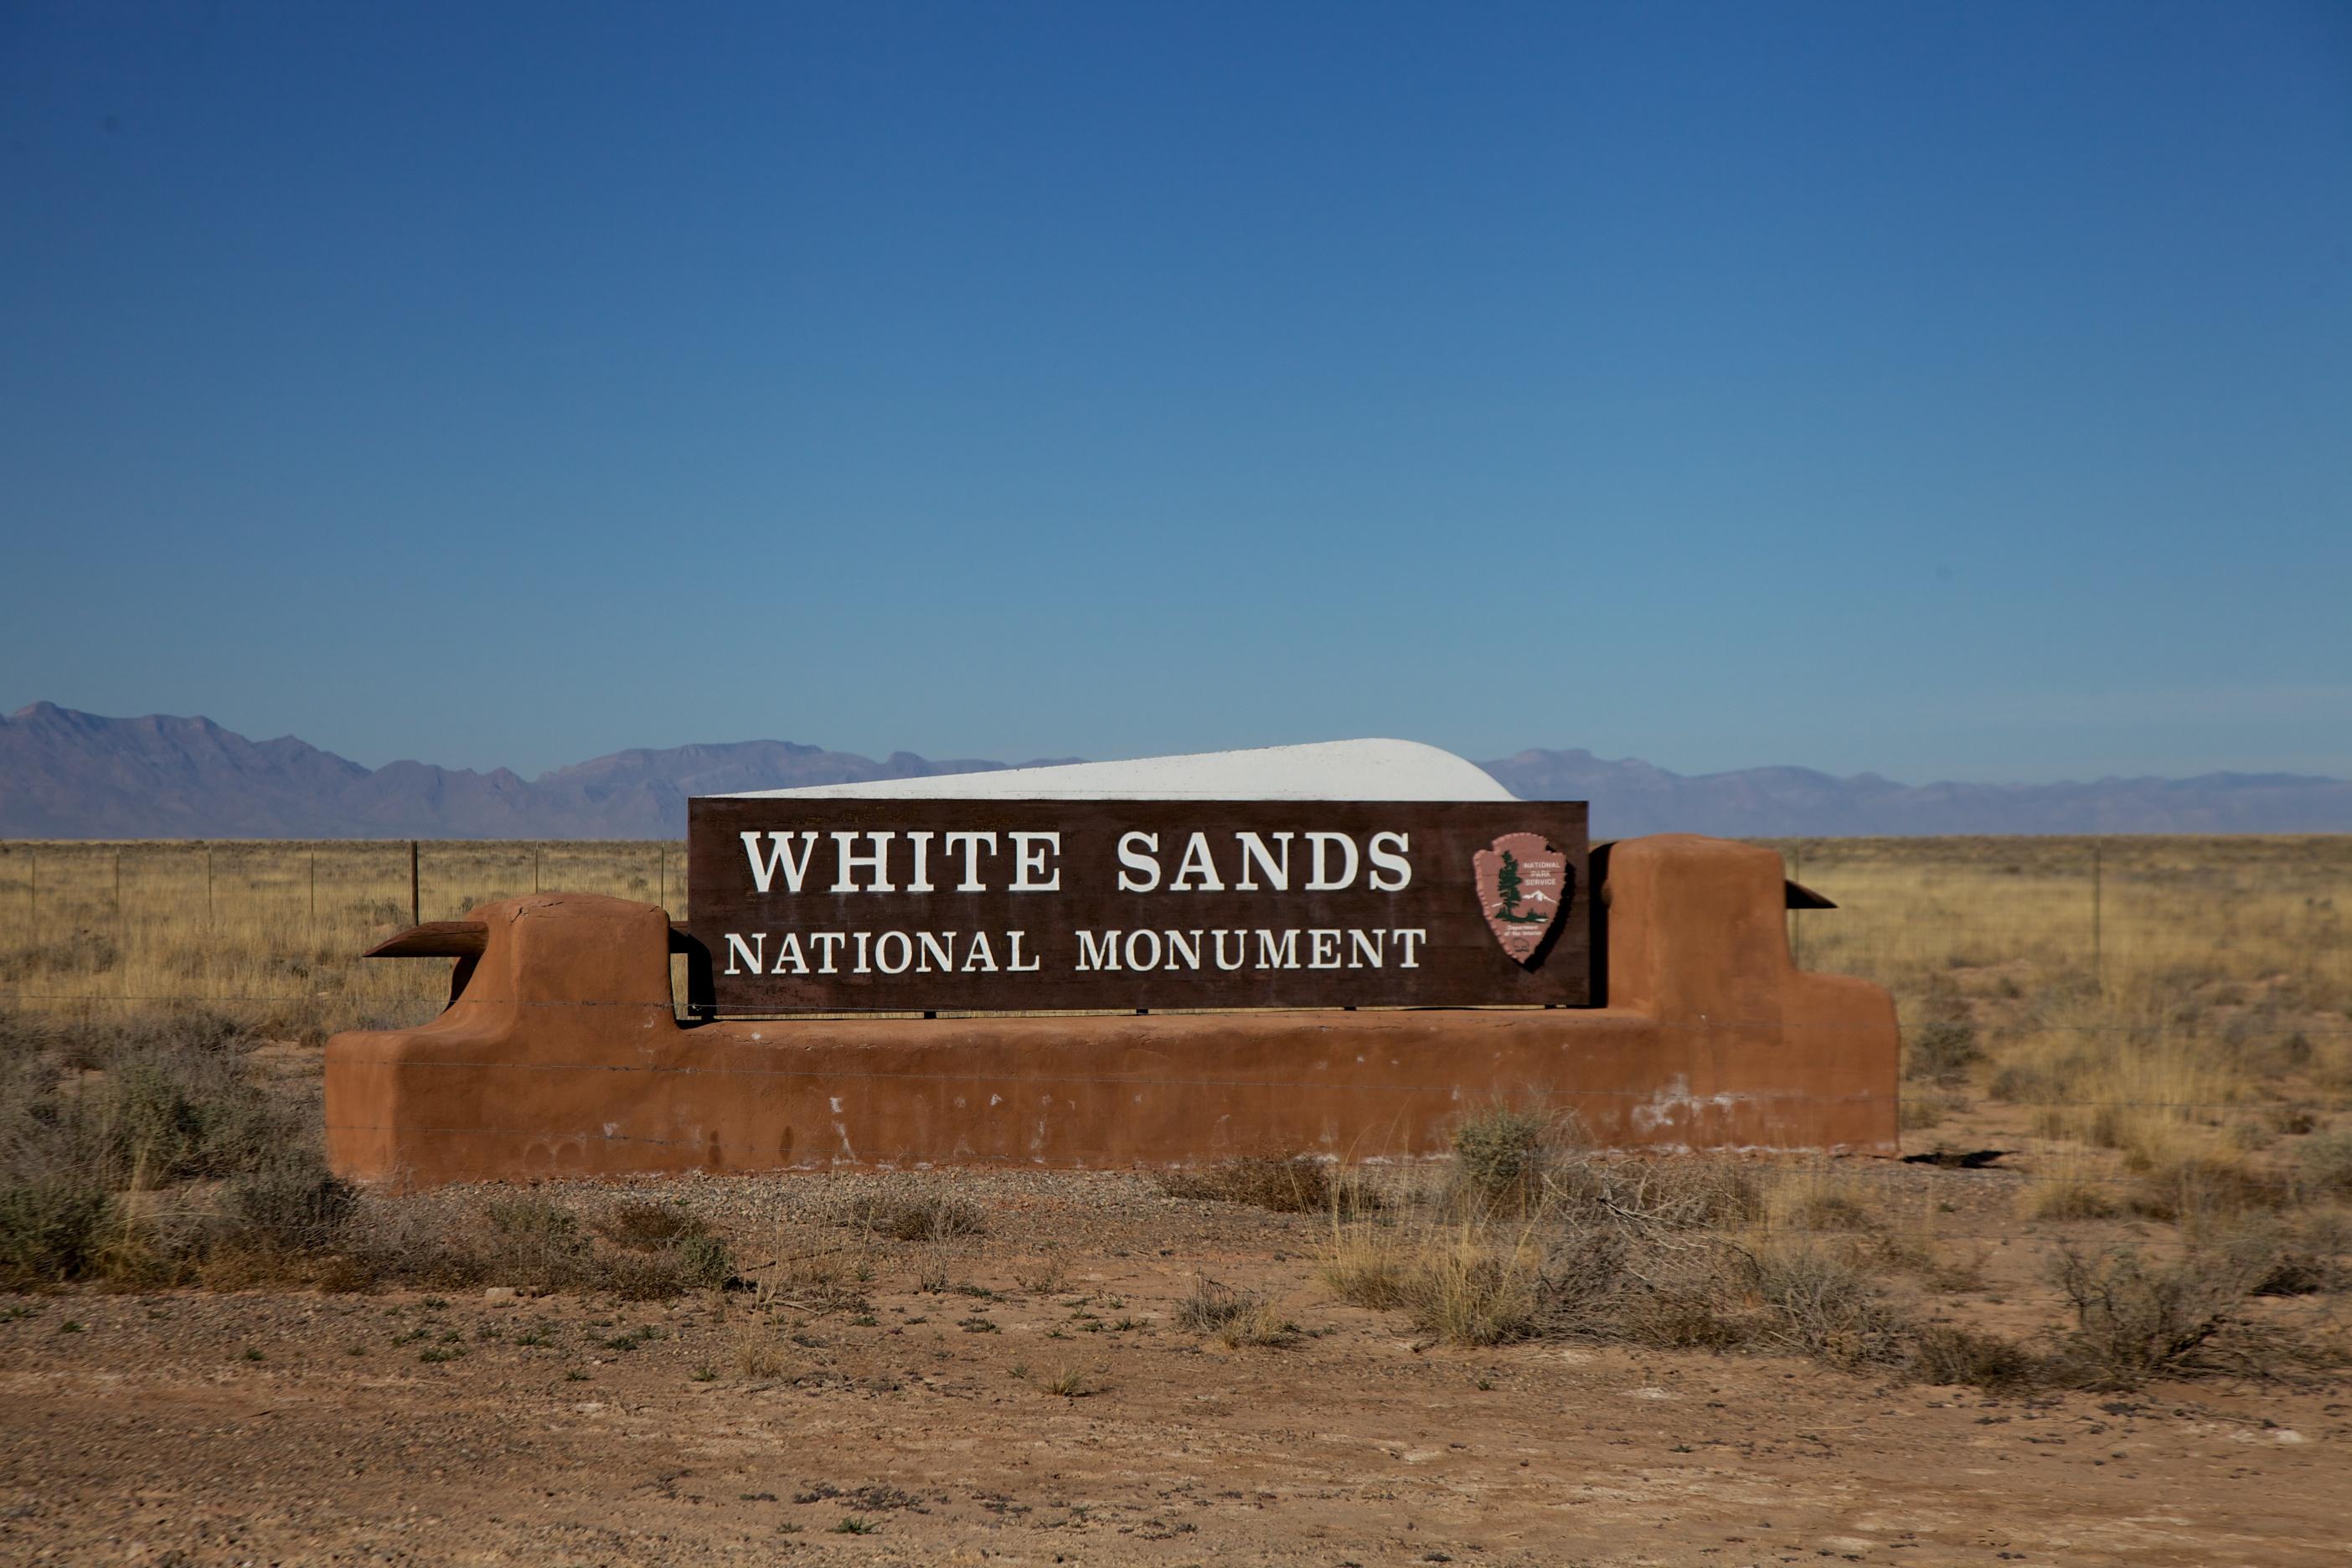 white sands missile range senior dating site 11 am - 2 pm white sands missile range sgt pedro track & field may 28 step white sands missile range bell gymnasium got.